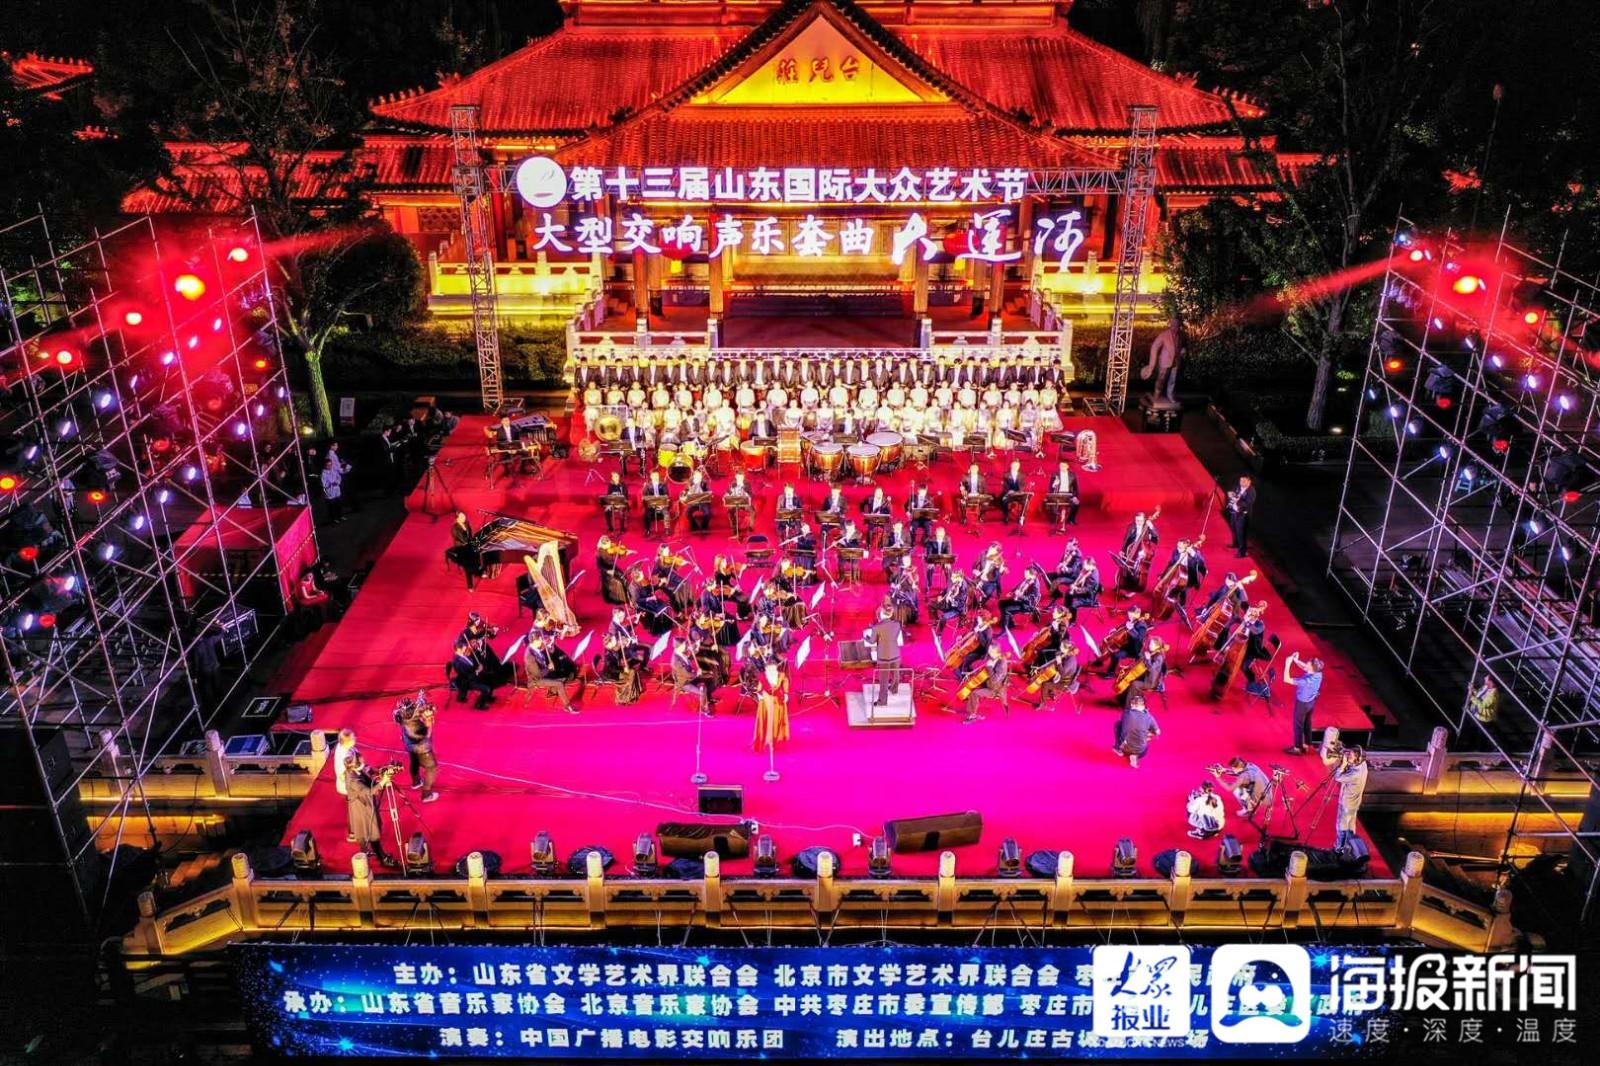 大型交响音乐会《大运河》在台儿庄古城首演再现大运河古今风情